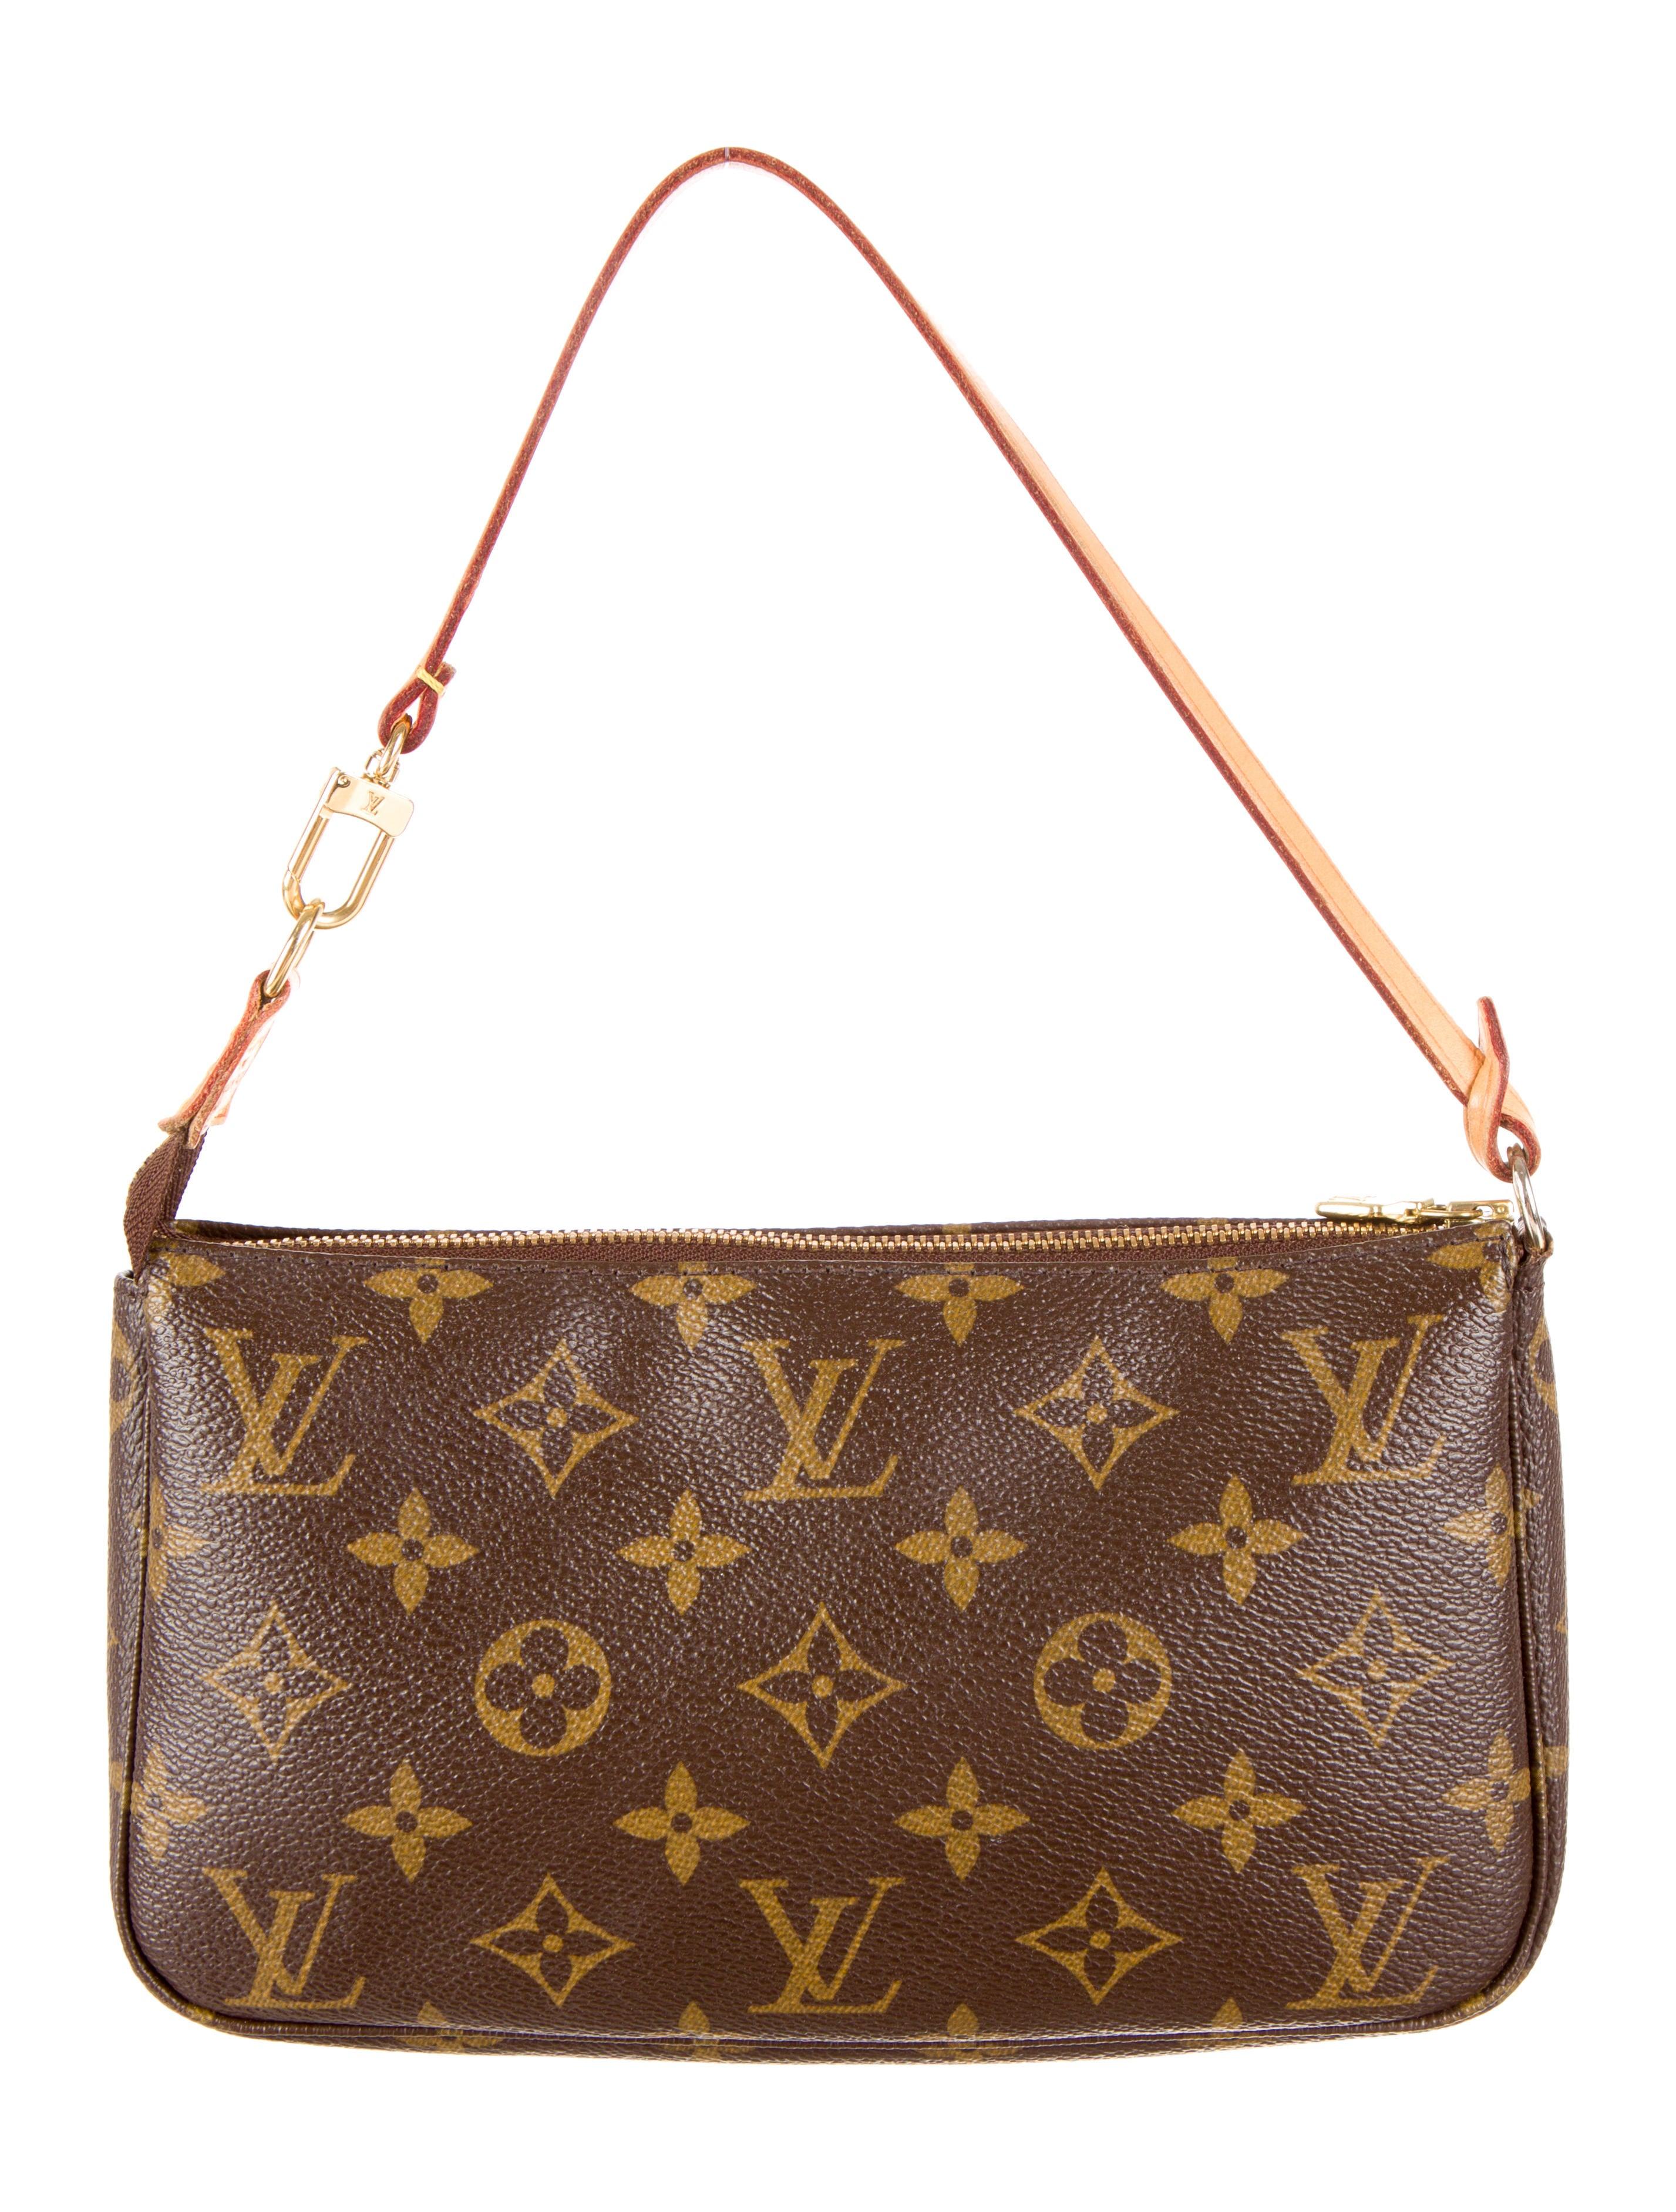 louis vuitton pochette accessoires handbags lou46188. Black Bedroom Furniture Sets. Home Design Ideas